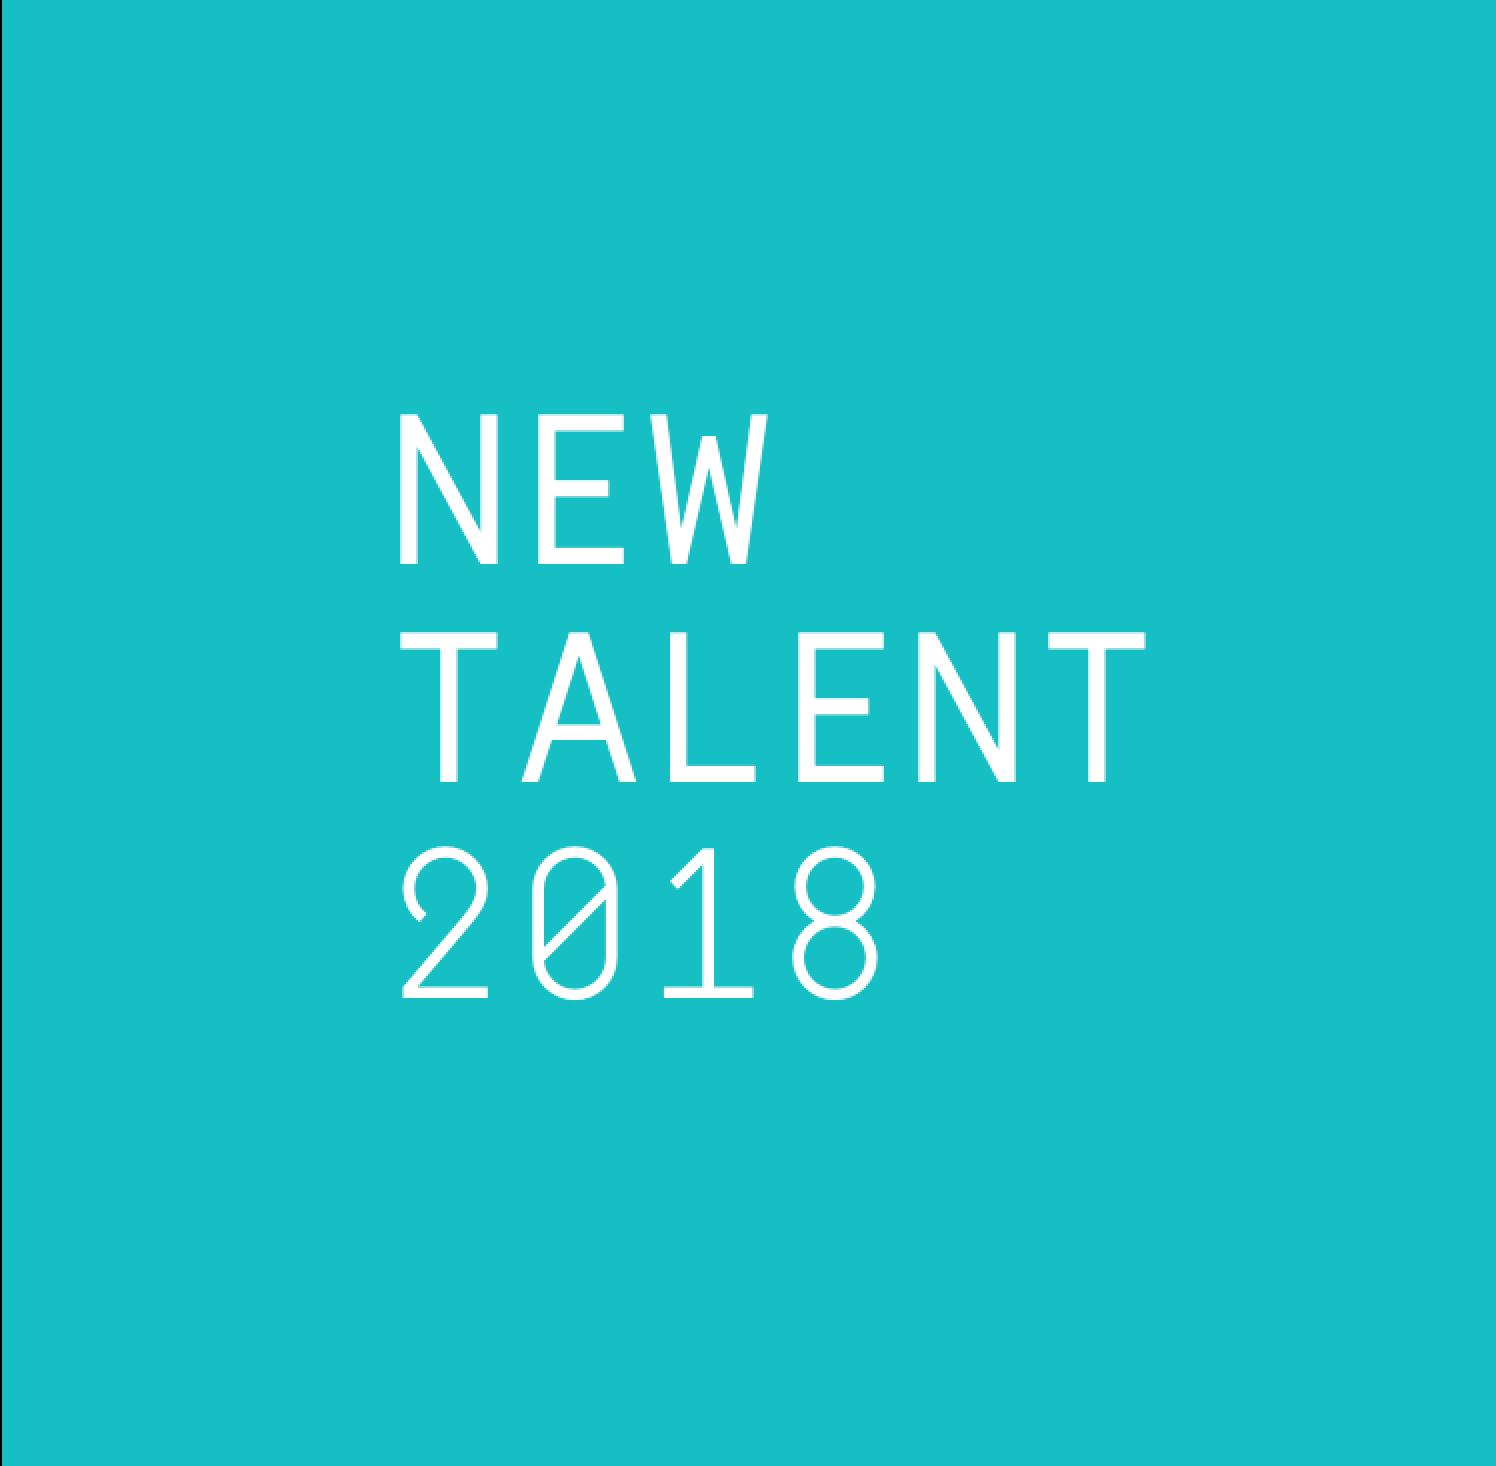 new_talent_2018_beeld